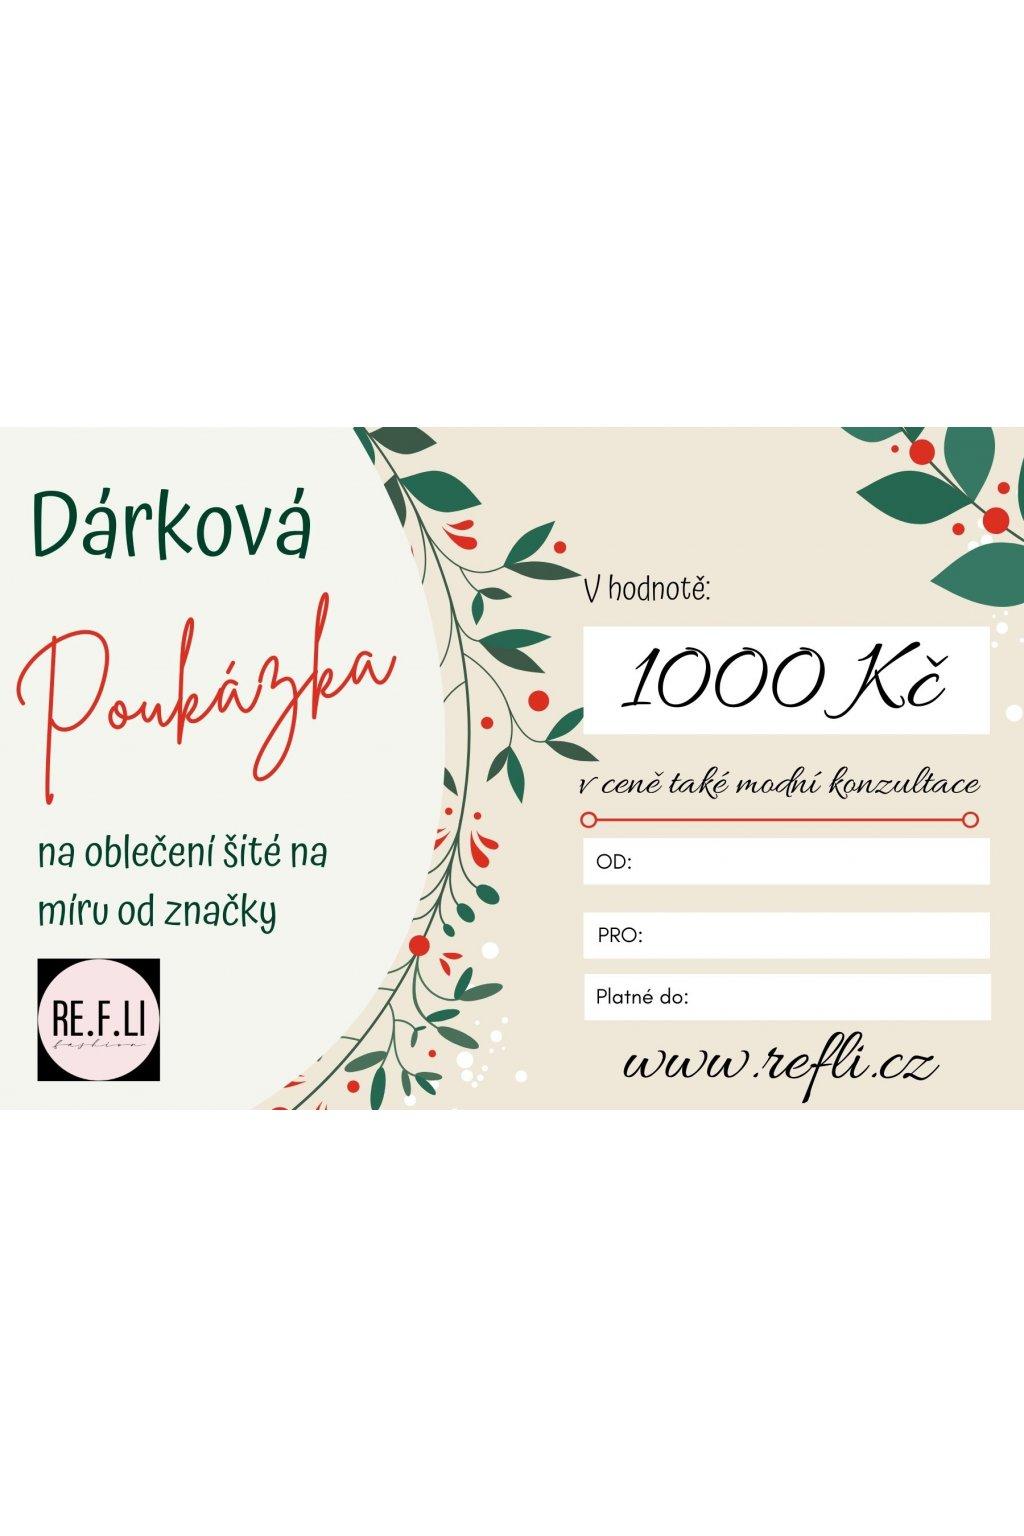 134 darkovy poukaz v hodnote 1000 kc